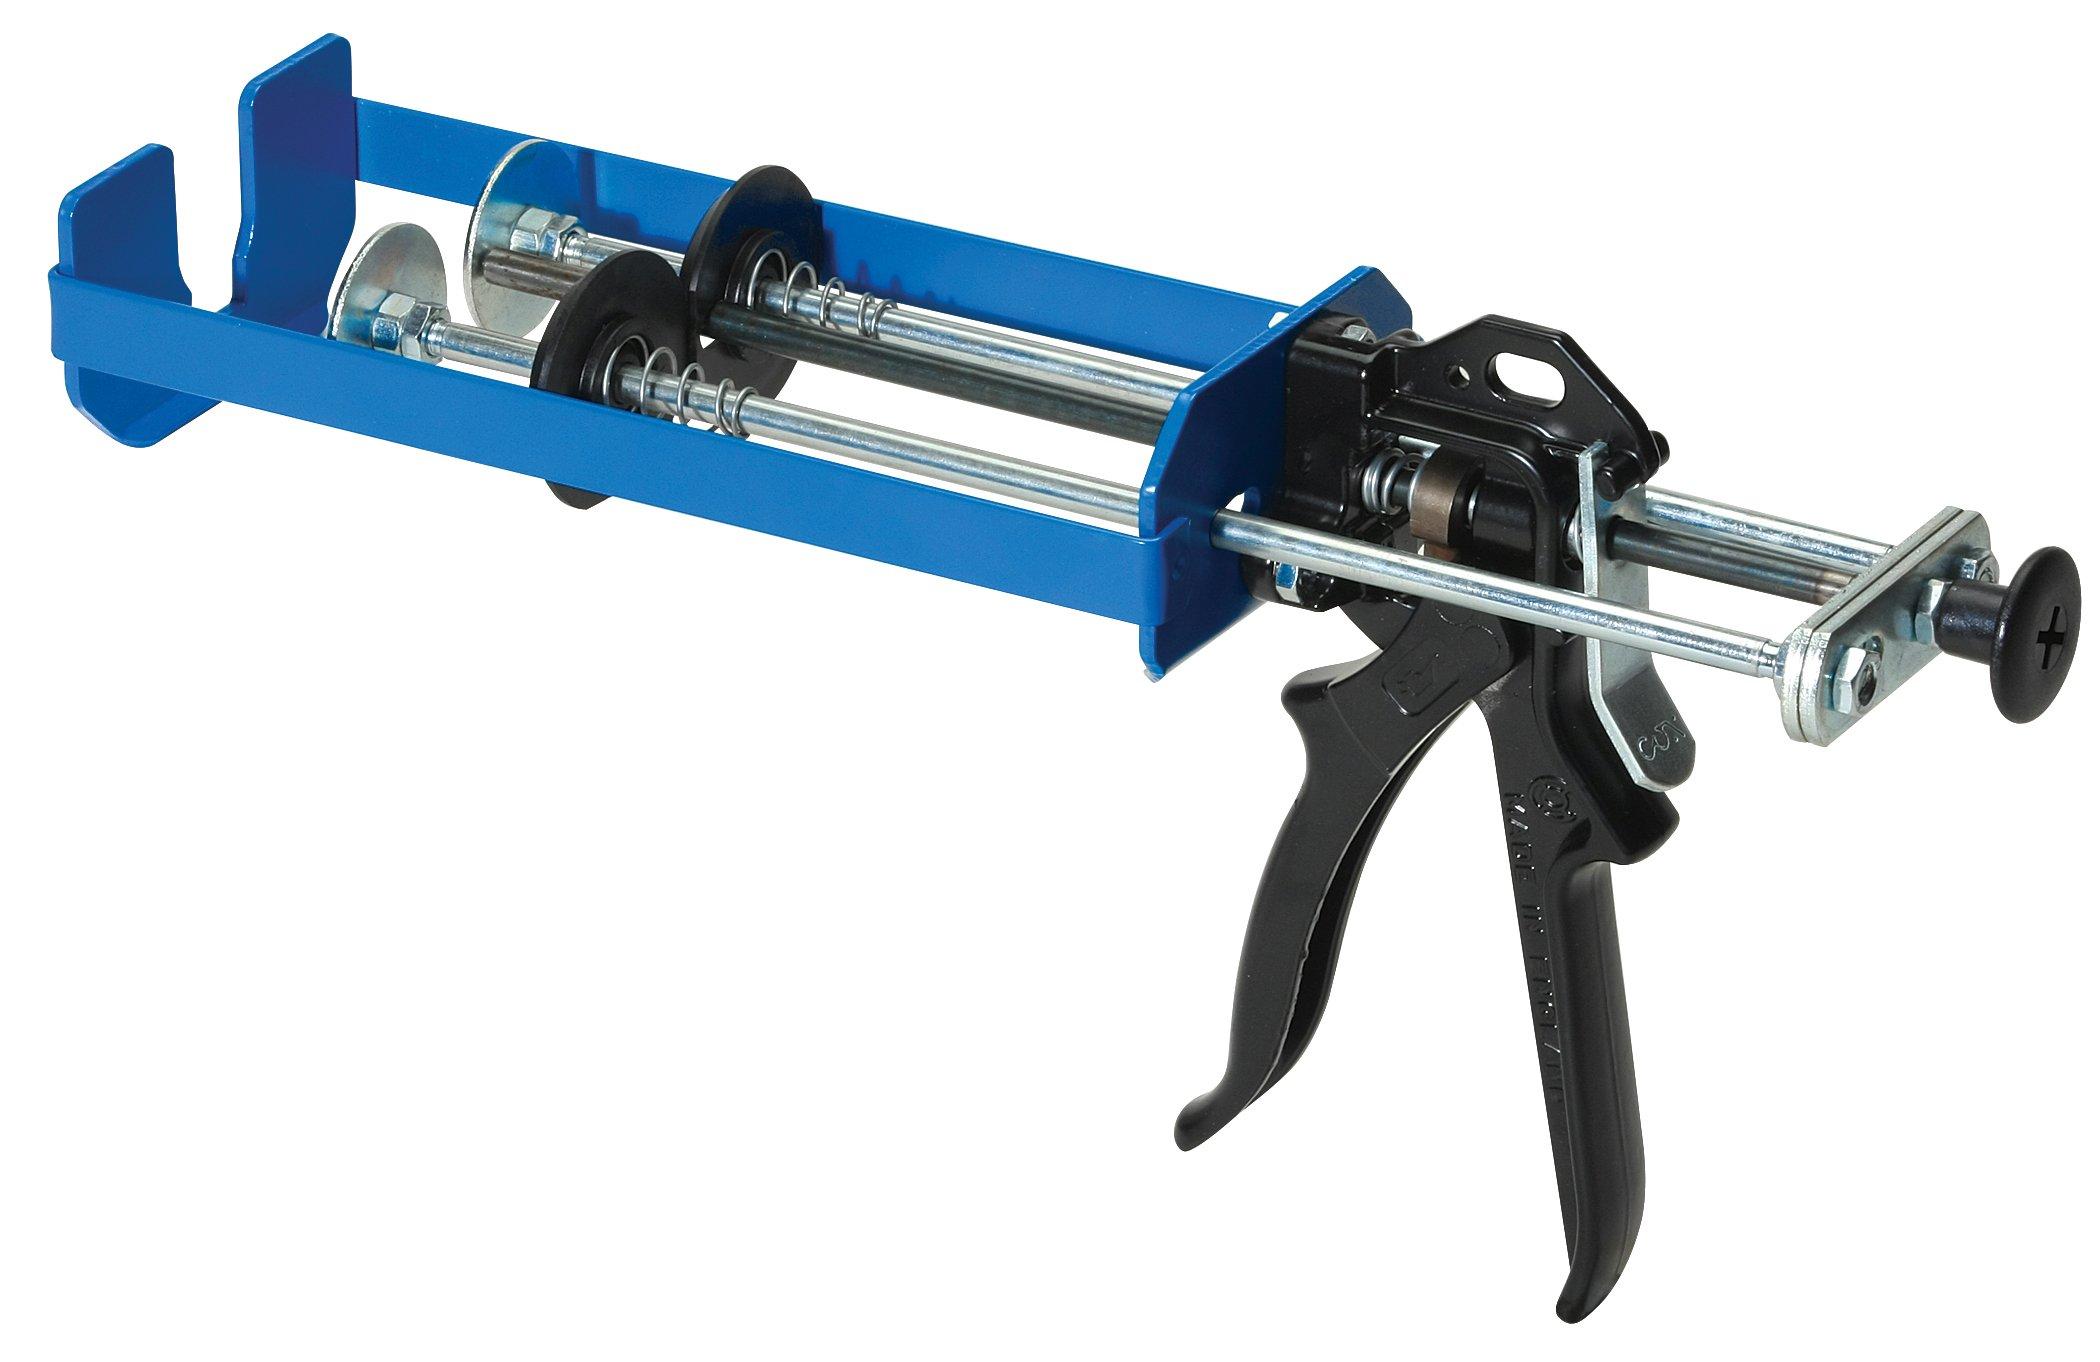 COX M300XL 300 x 300 ml. / 300 ml. x 150 ml. / 300 x 75 ml. Manual Epoxy Applicator